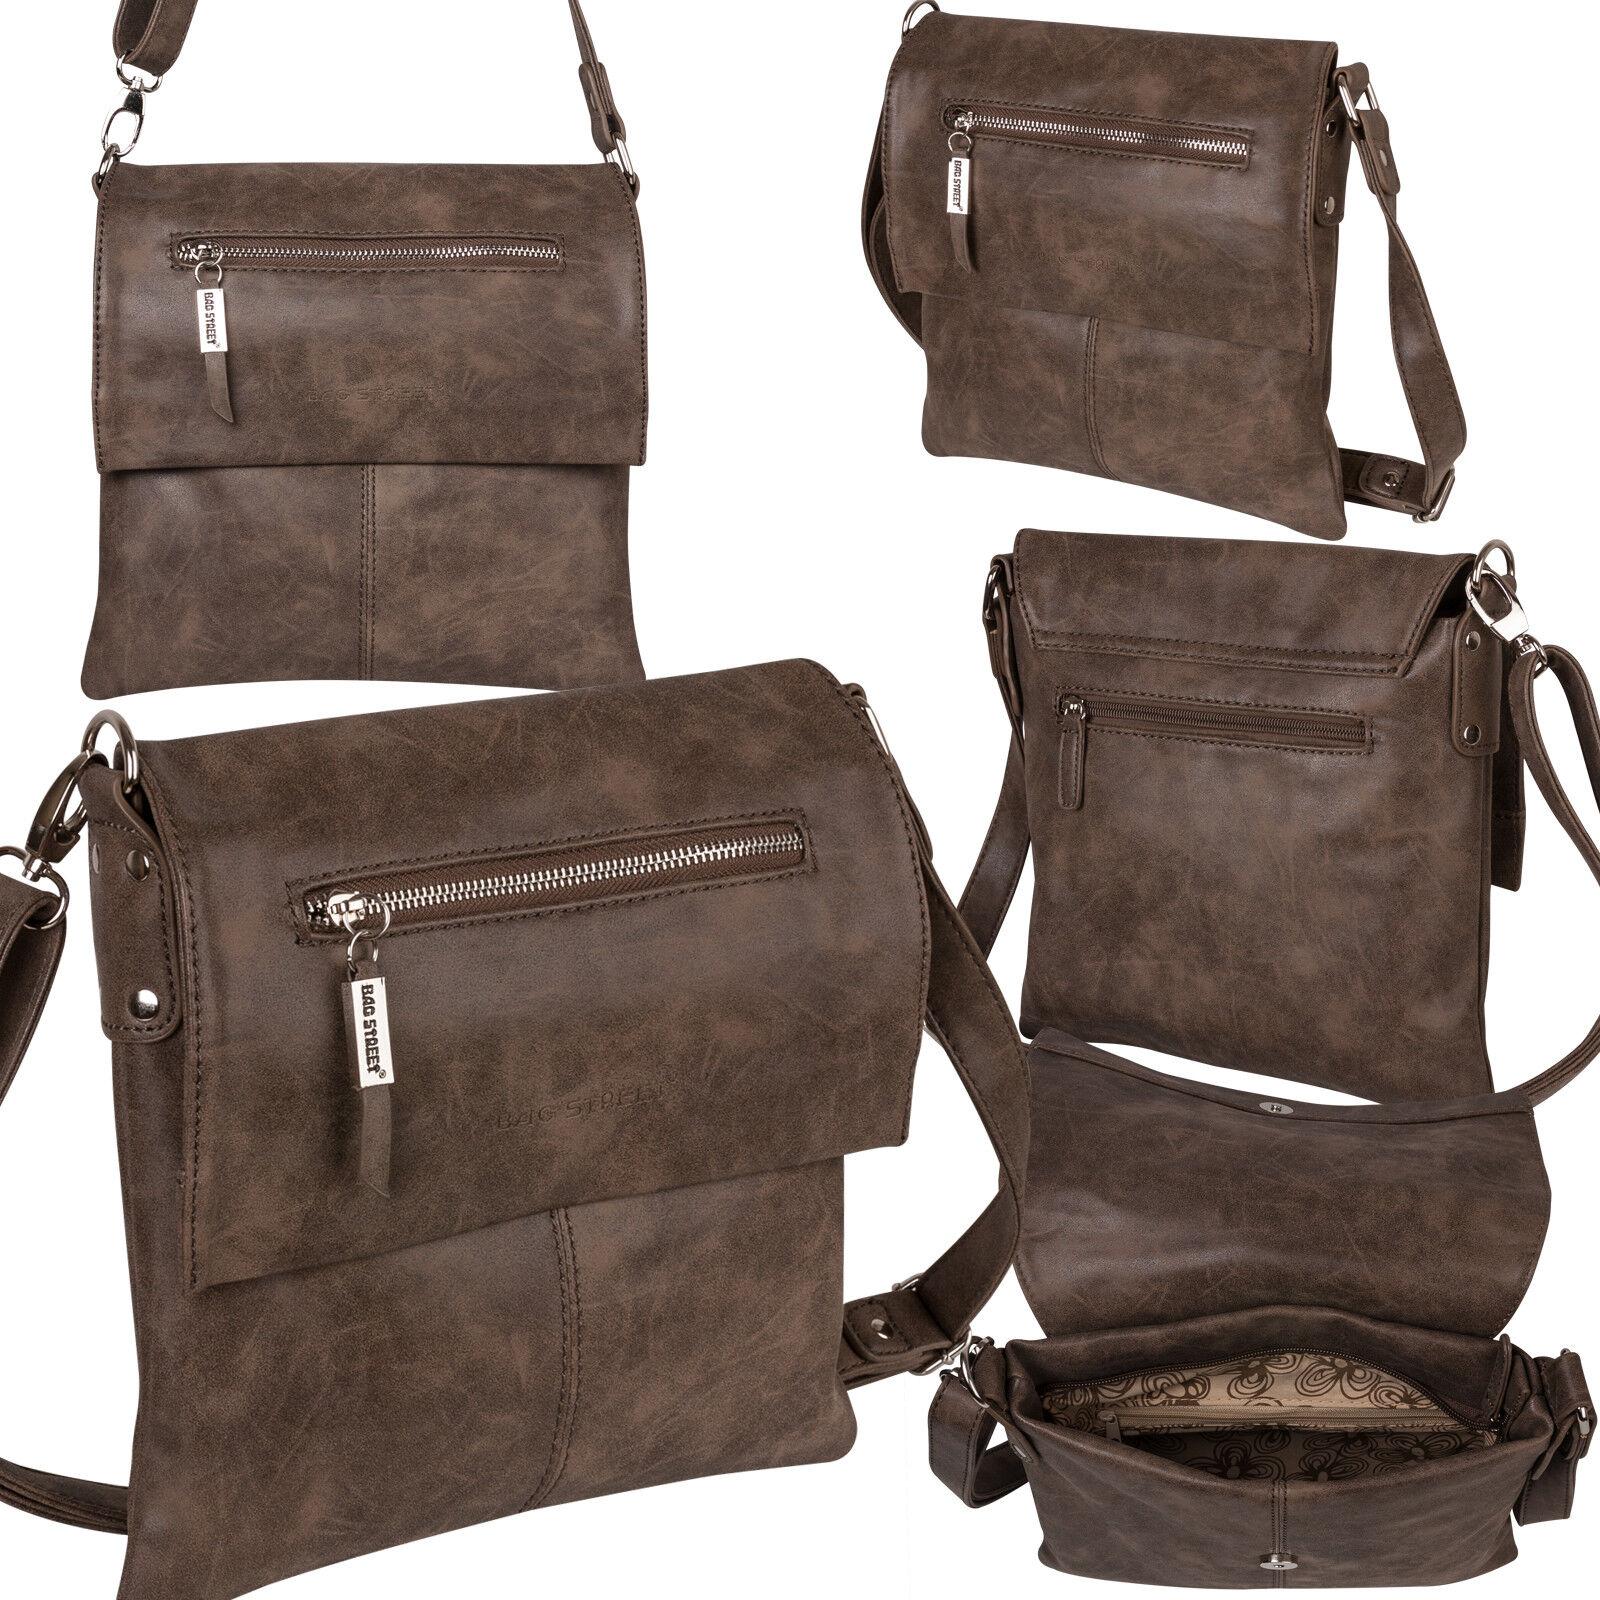 Bag Street Damentasche Umhängetasche Handtasche Schultertasche K2 T0102 Braun